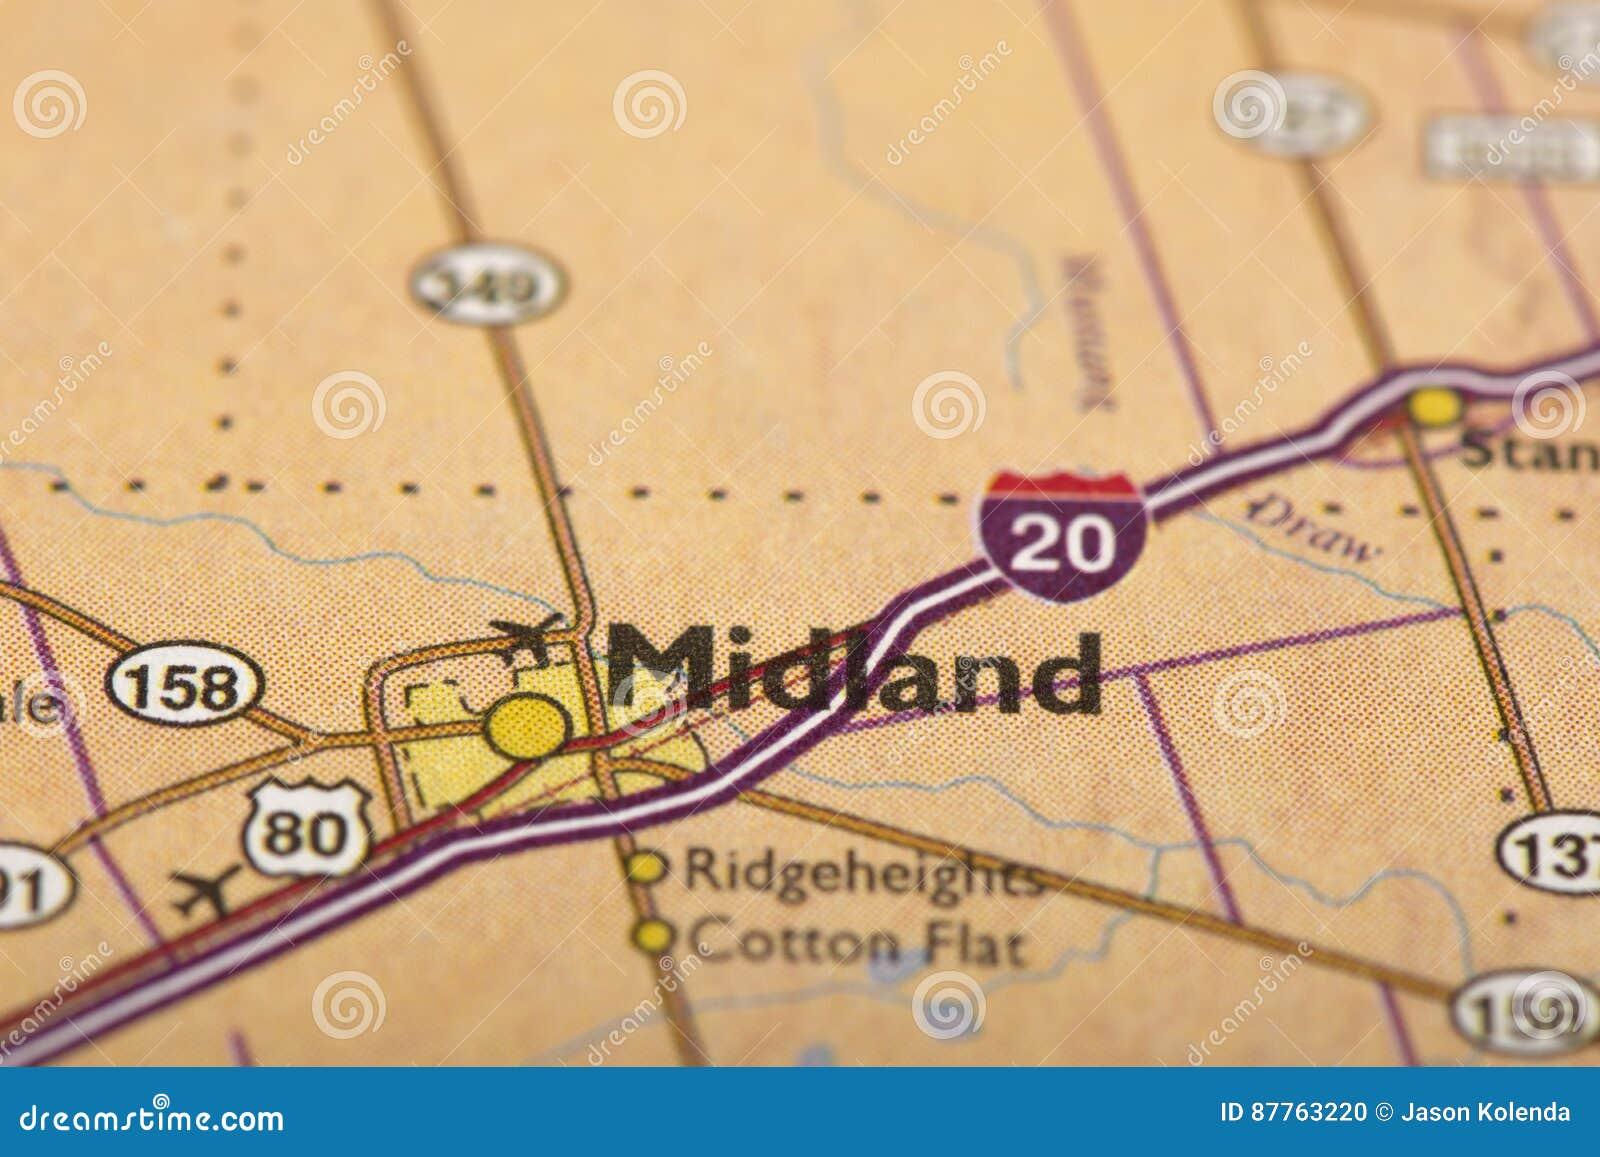 Midland, Τέξας στο χάρτη